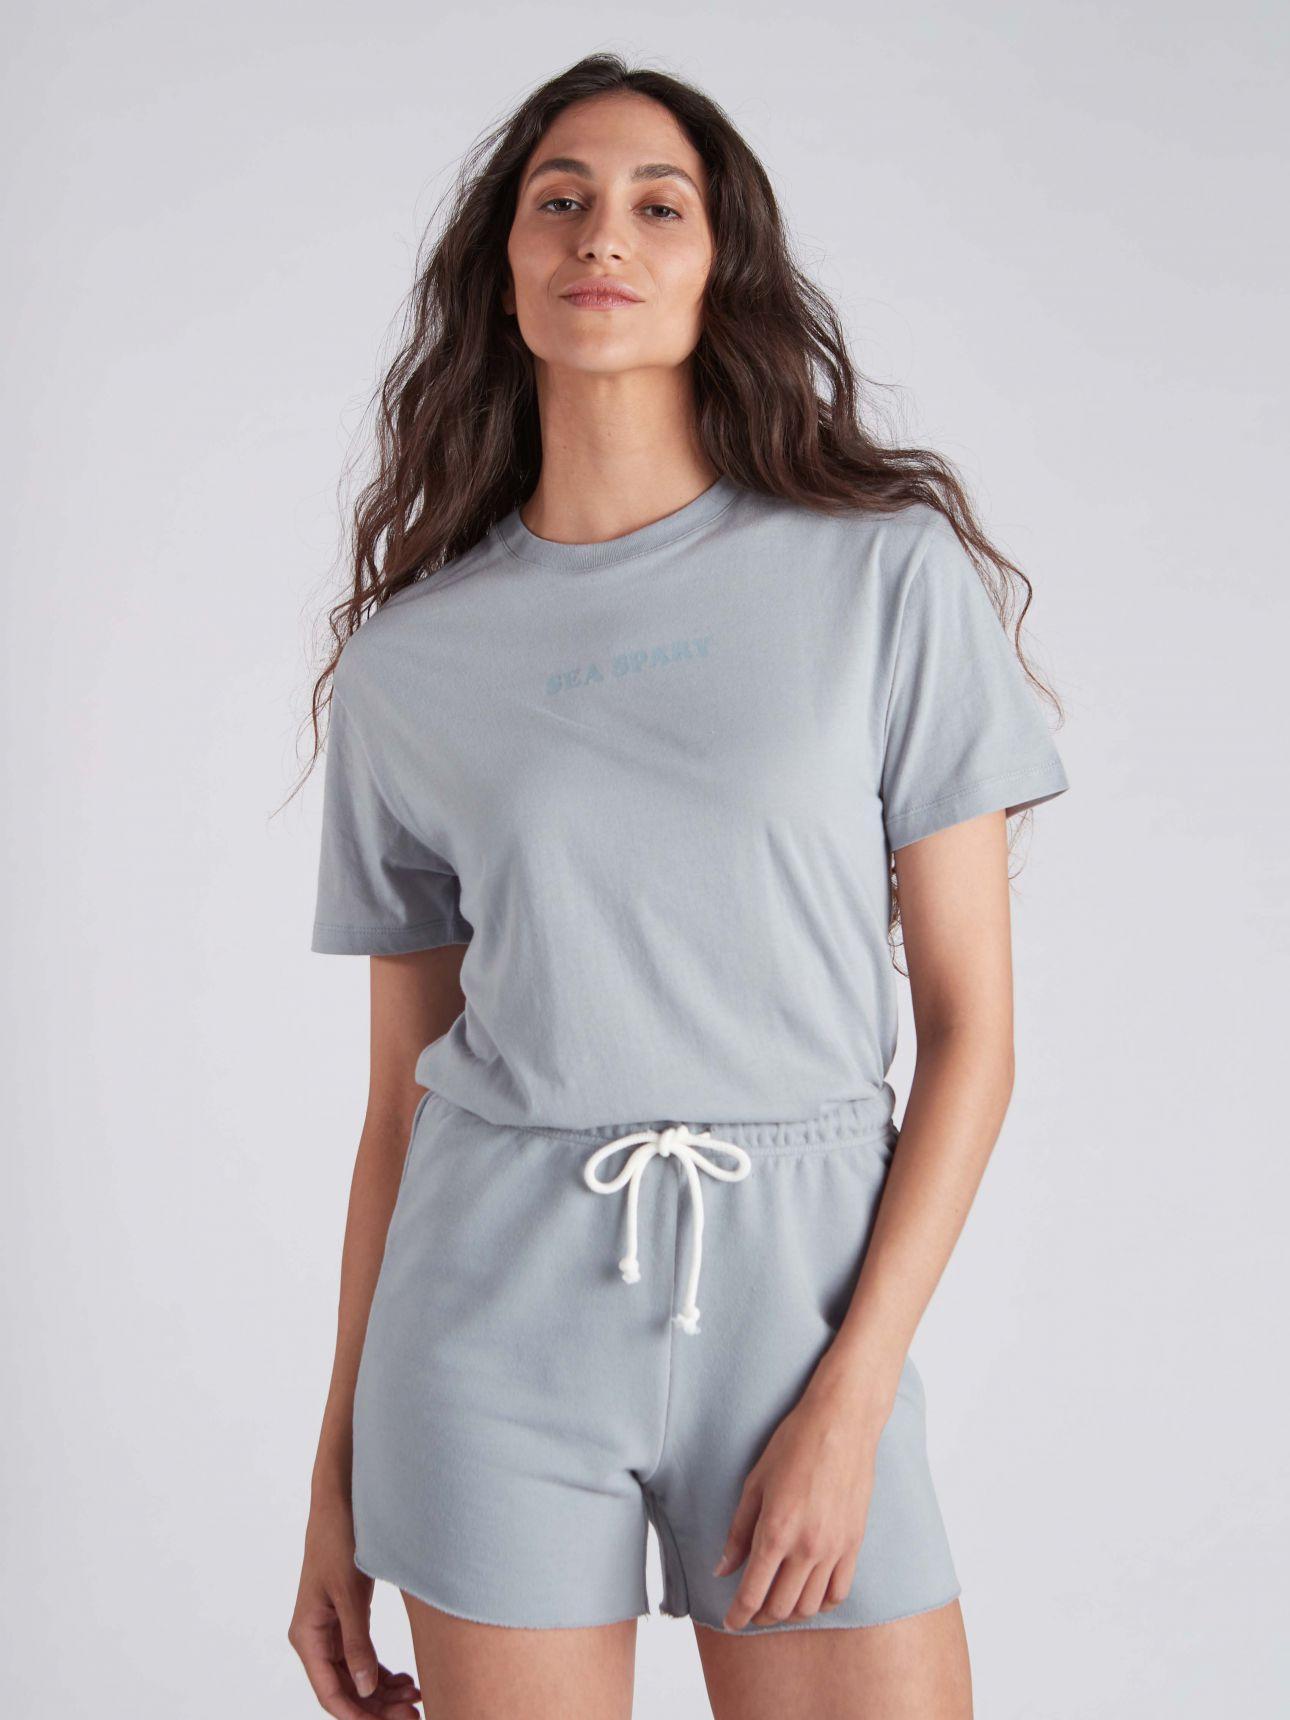 חולצת טי שירט עם דפוס BLOOM בצבע תכלת